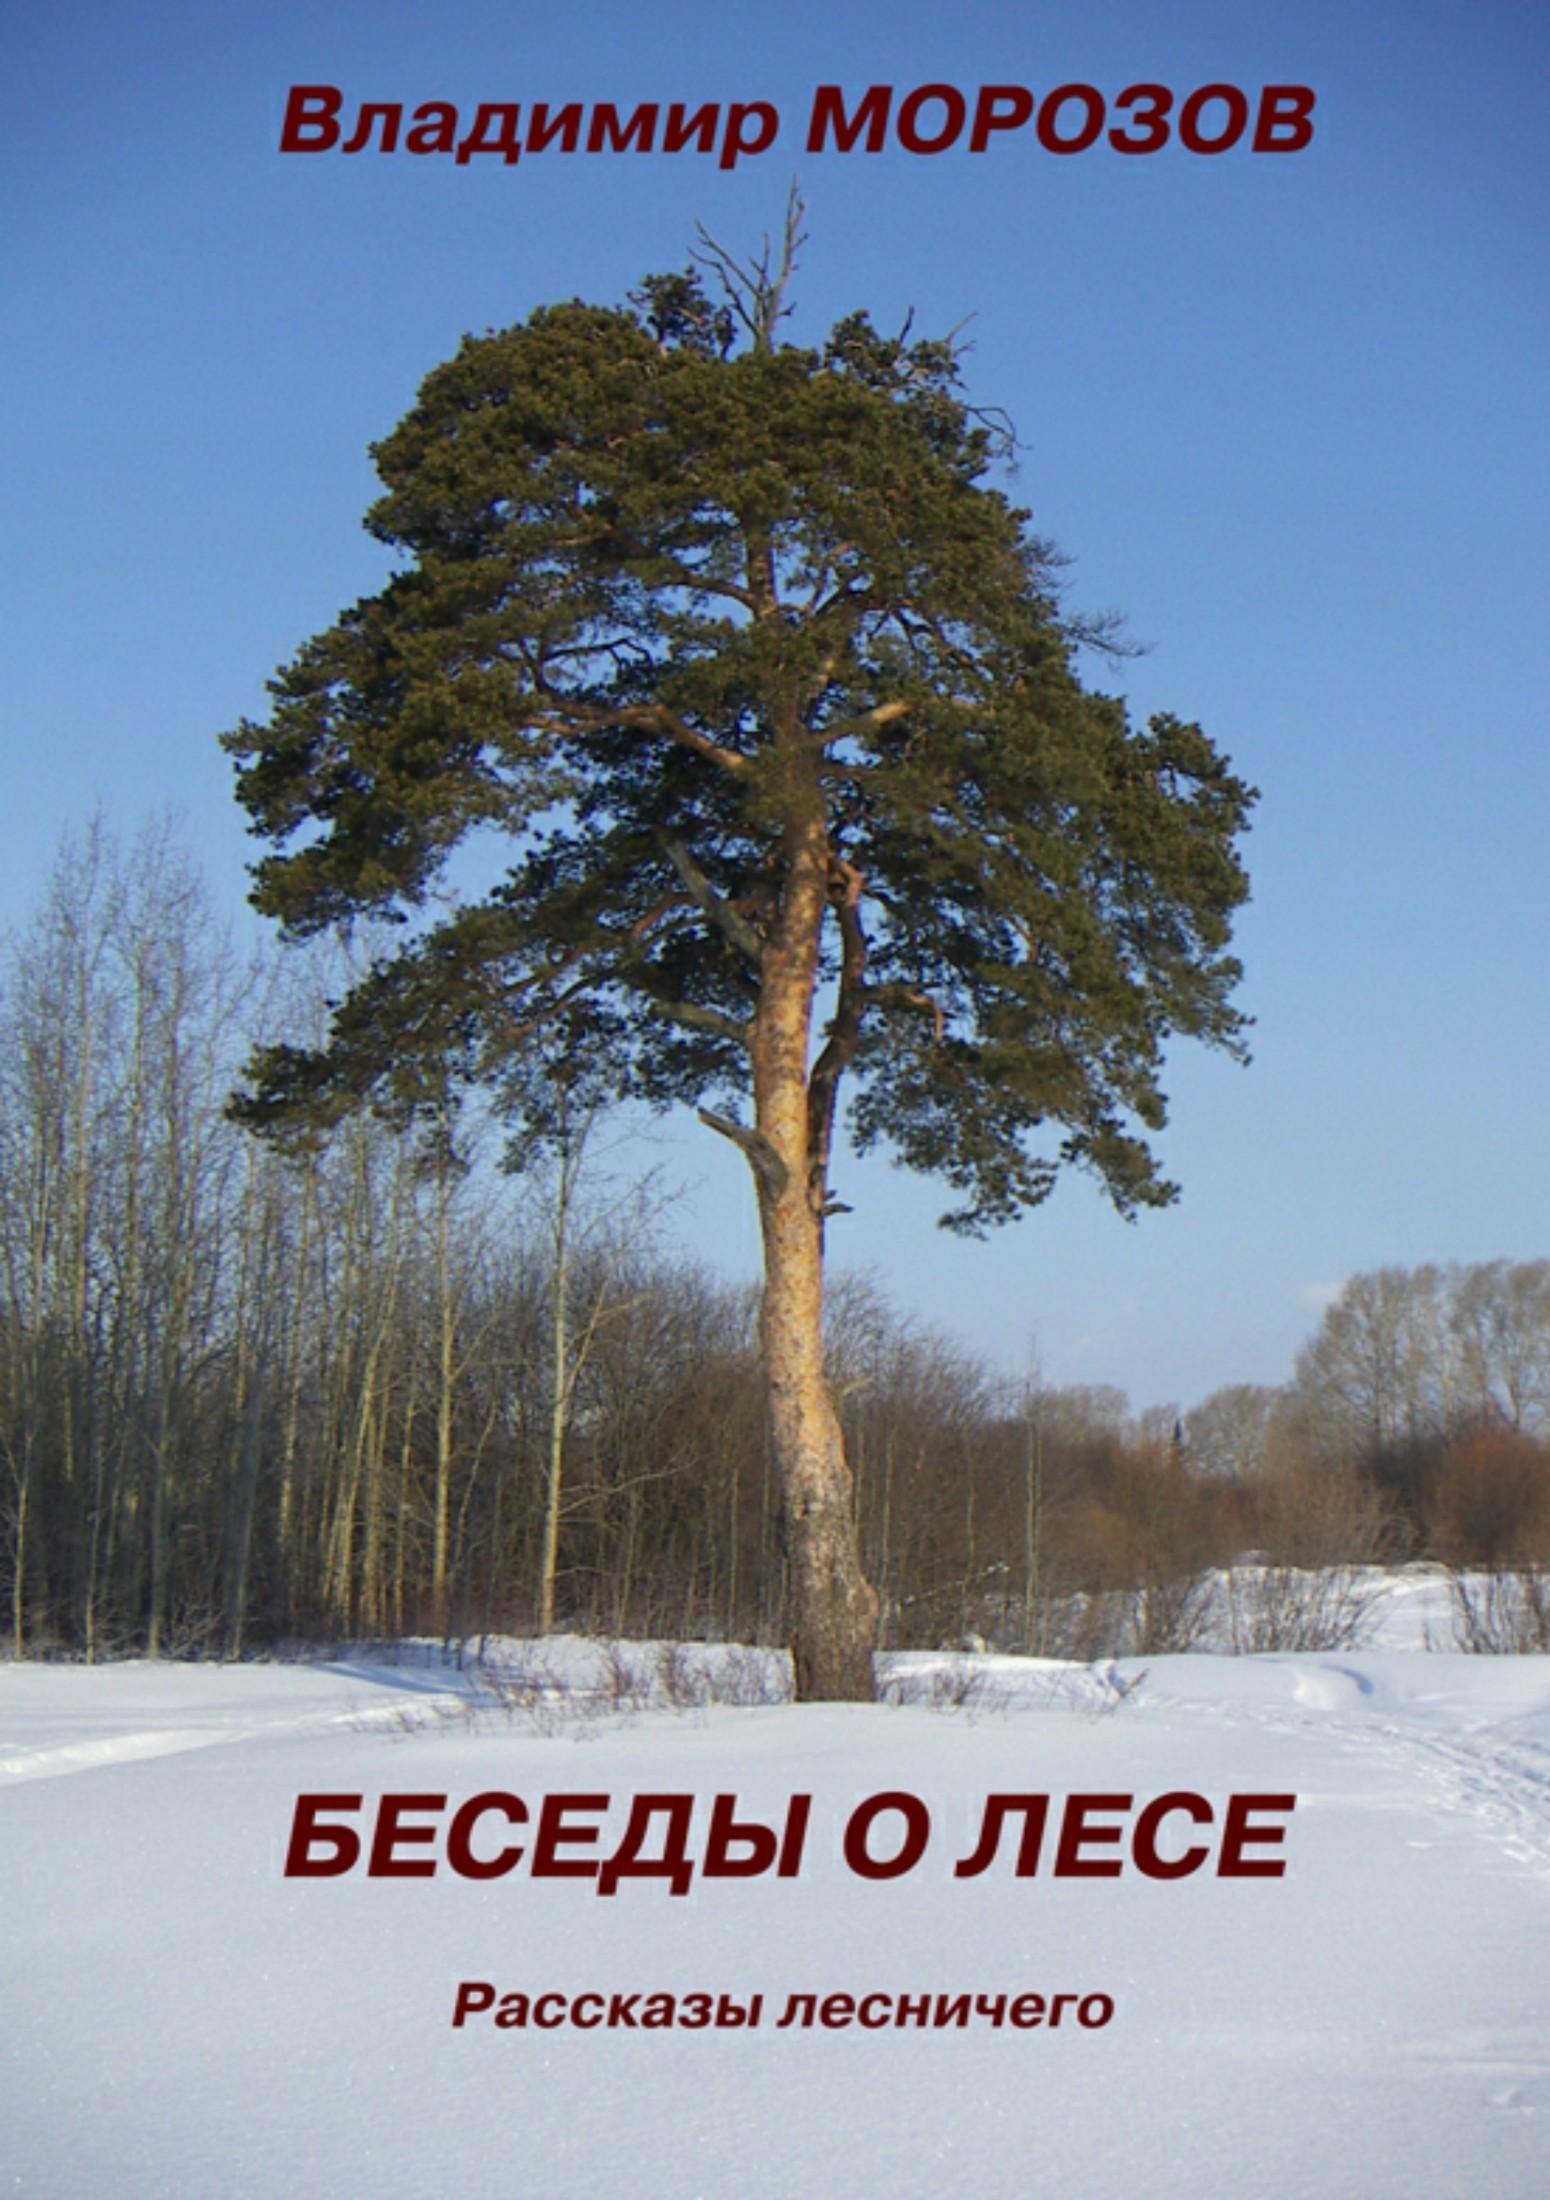 Владимир Морозов - Беседы о лесе. Рассказы лесничего